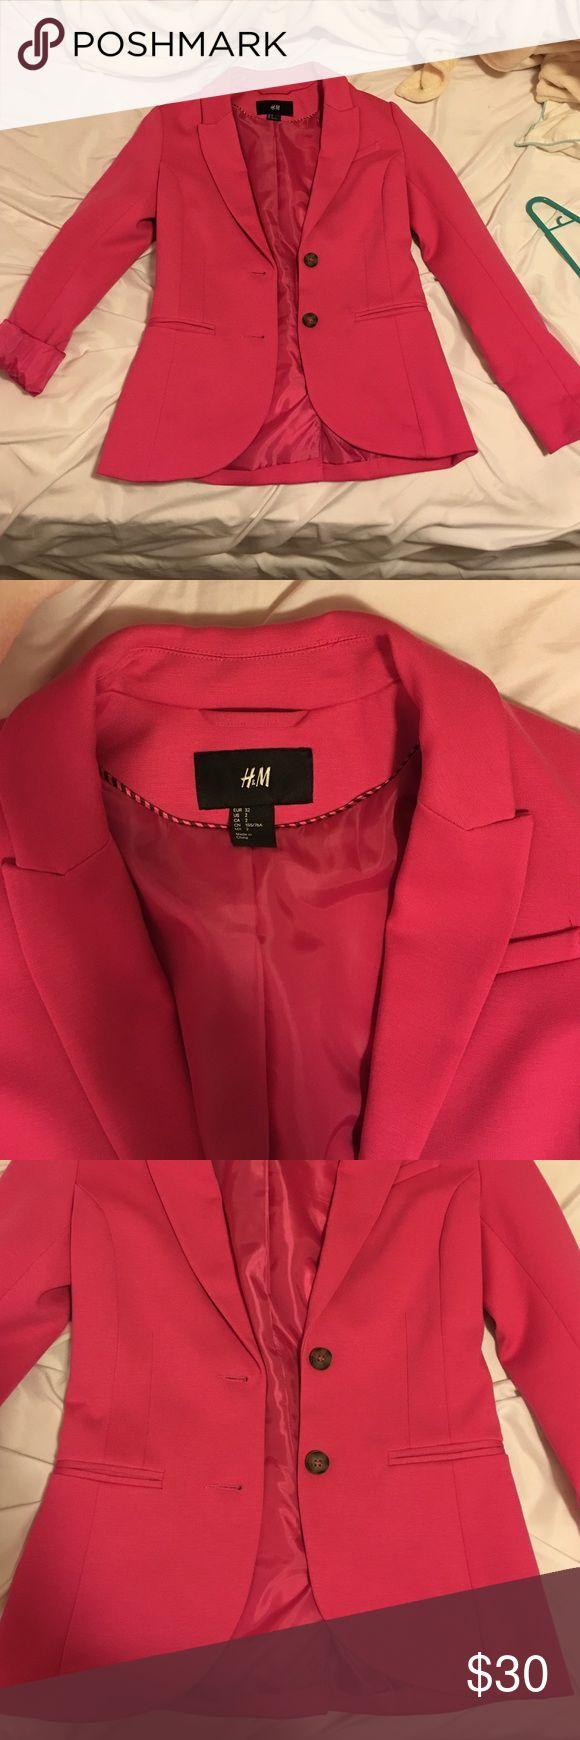 Hot pink H&M boyfriend fitted blazer Boyfriend fit! Never worn. H&M Jackets & Coats Blazers